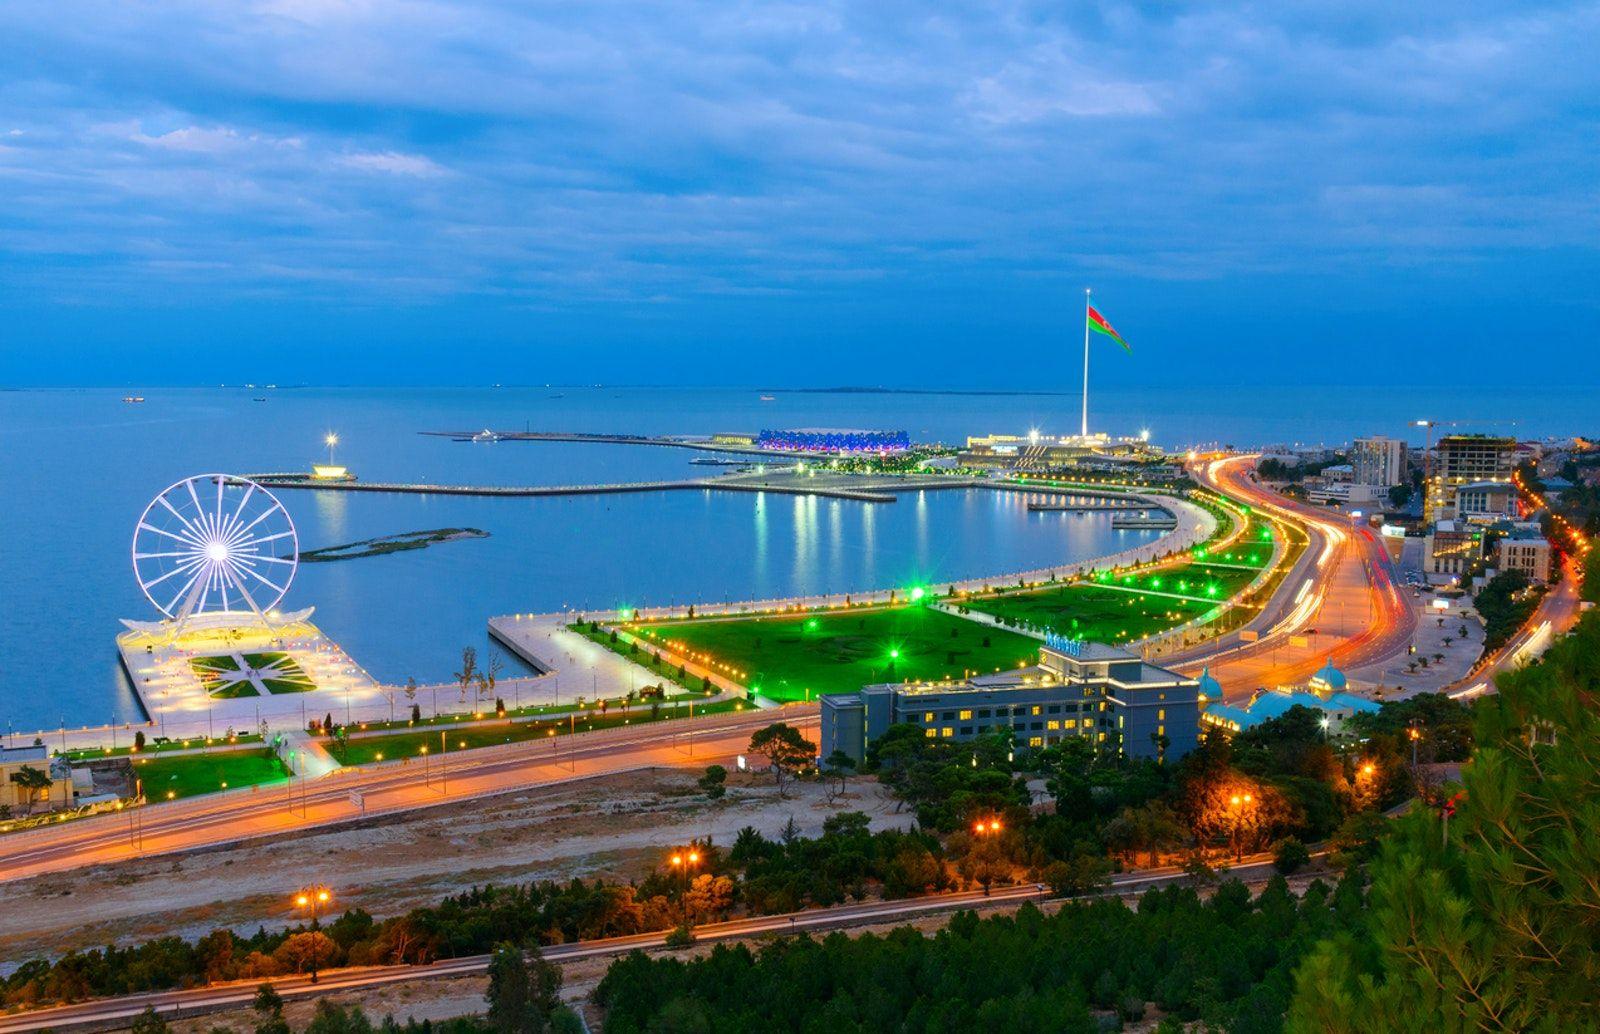 Baku City Of Parks Baku City Baku City